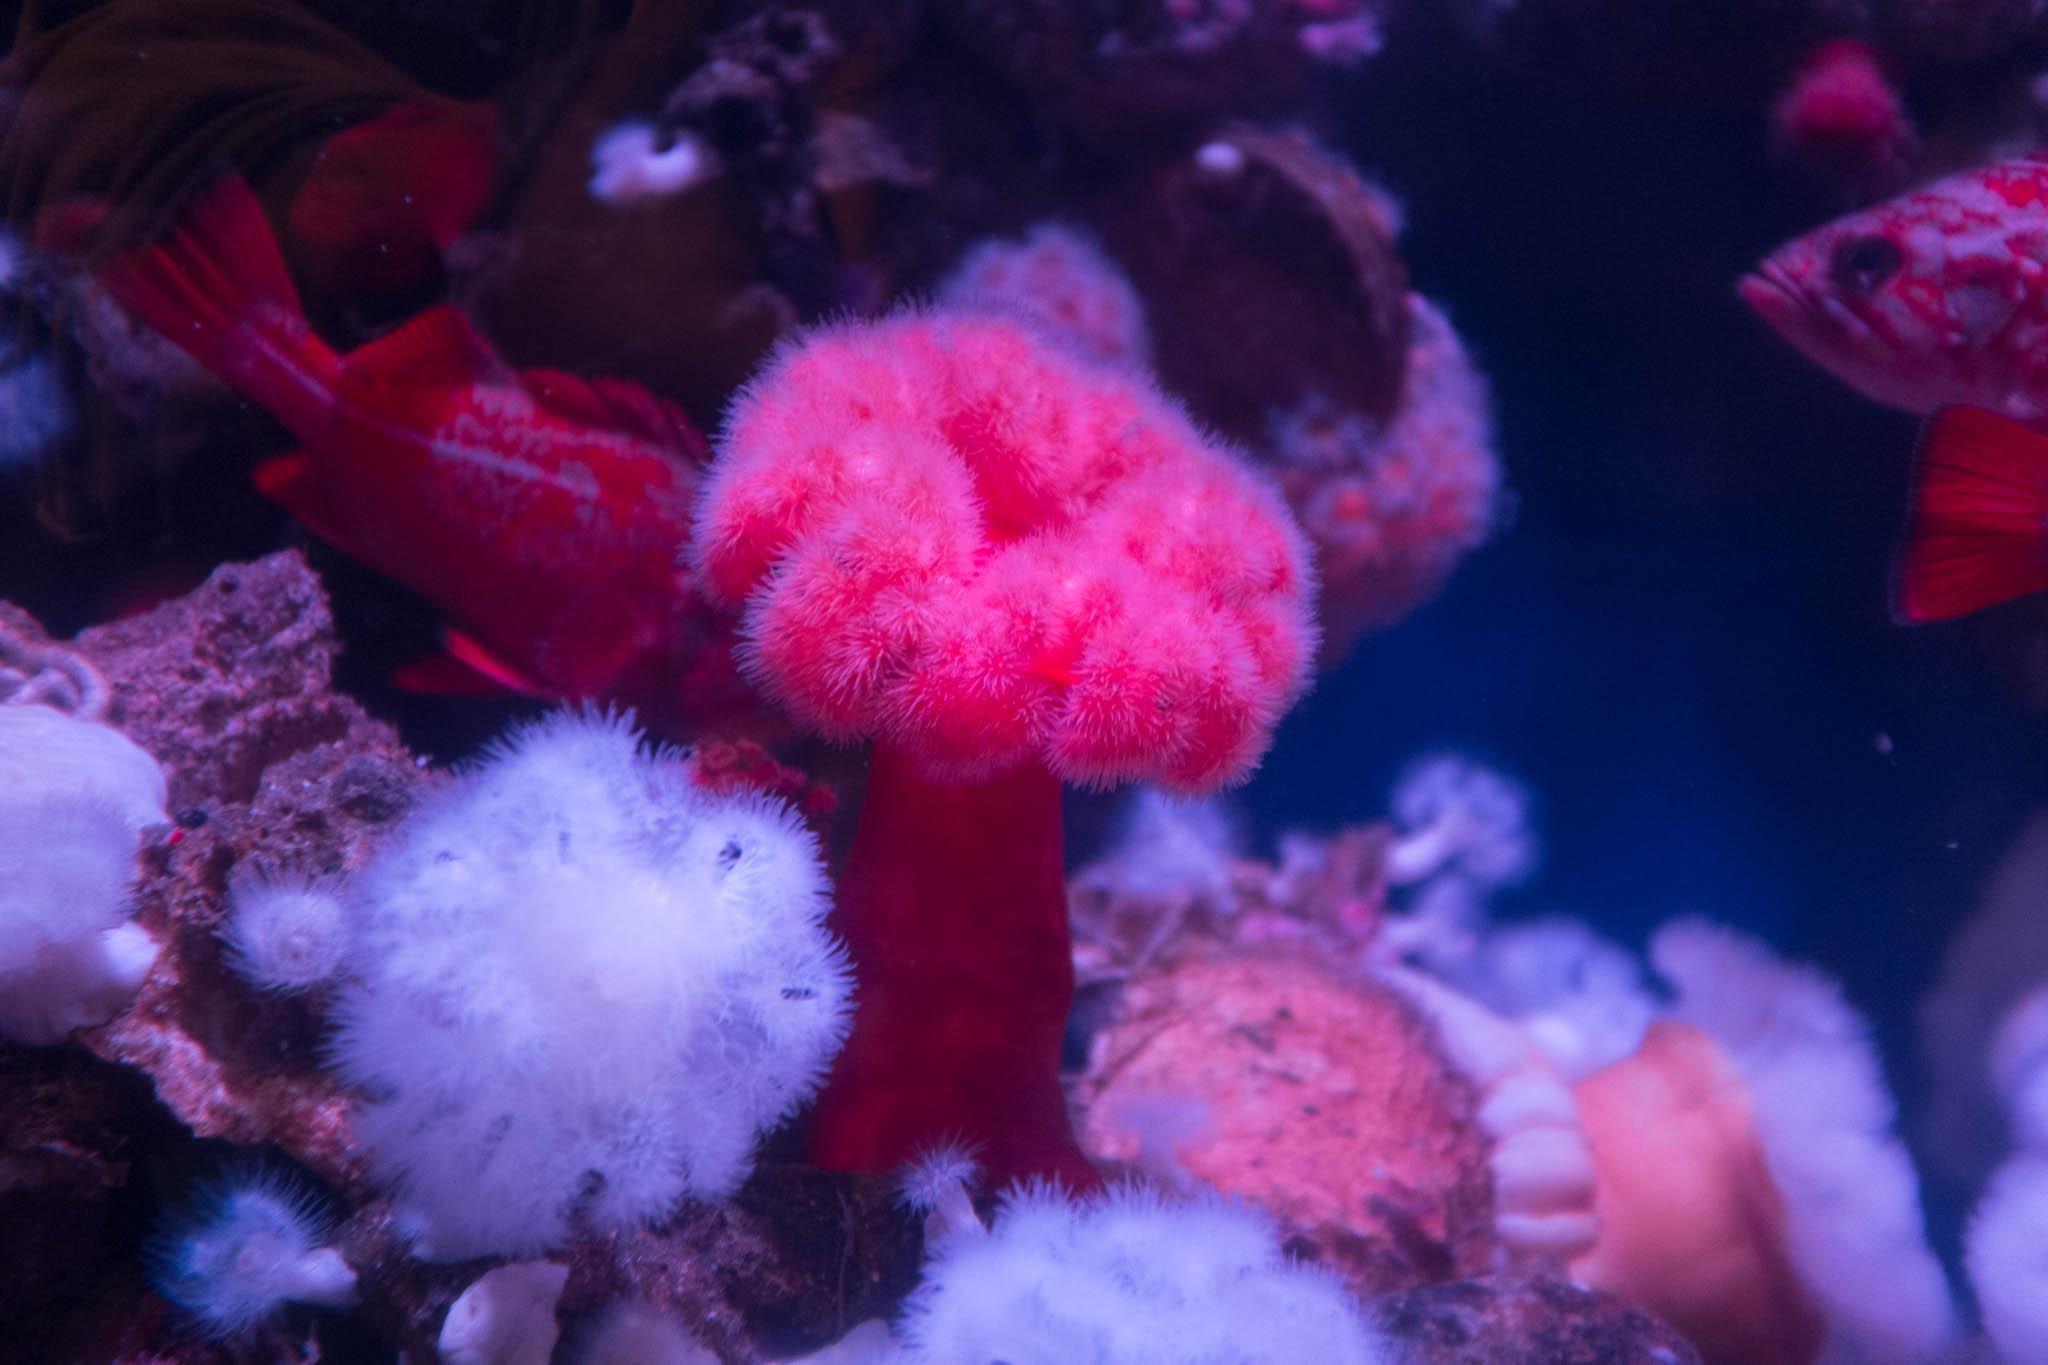 Aquarium of the Pacific-3-30-16-1276.jpg